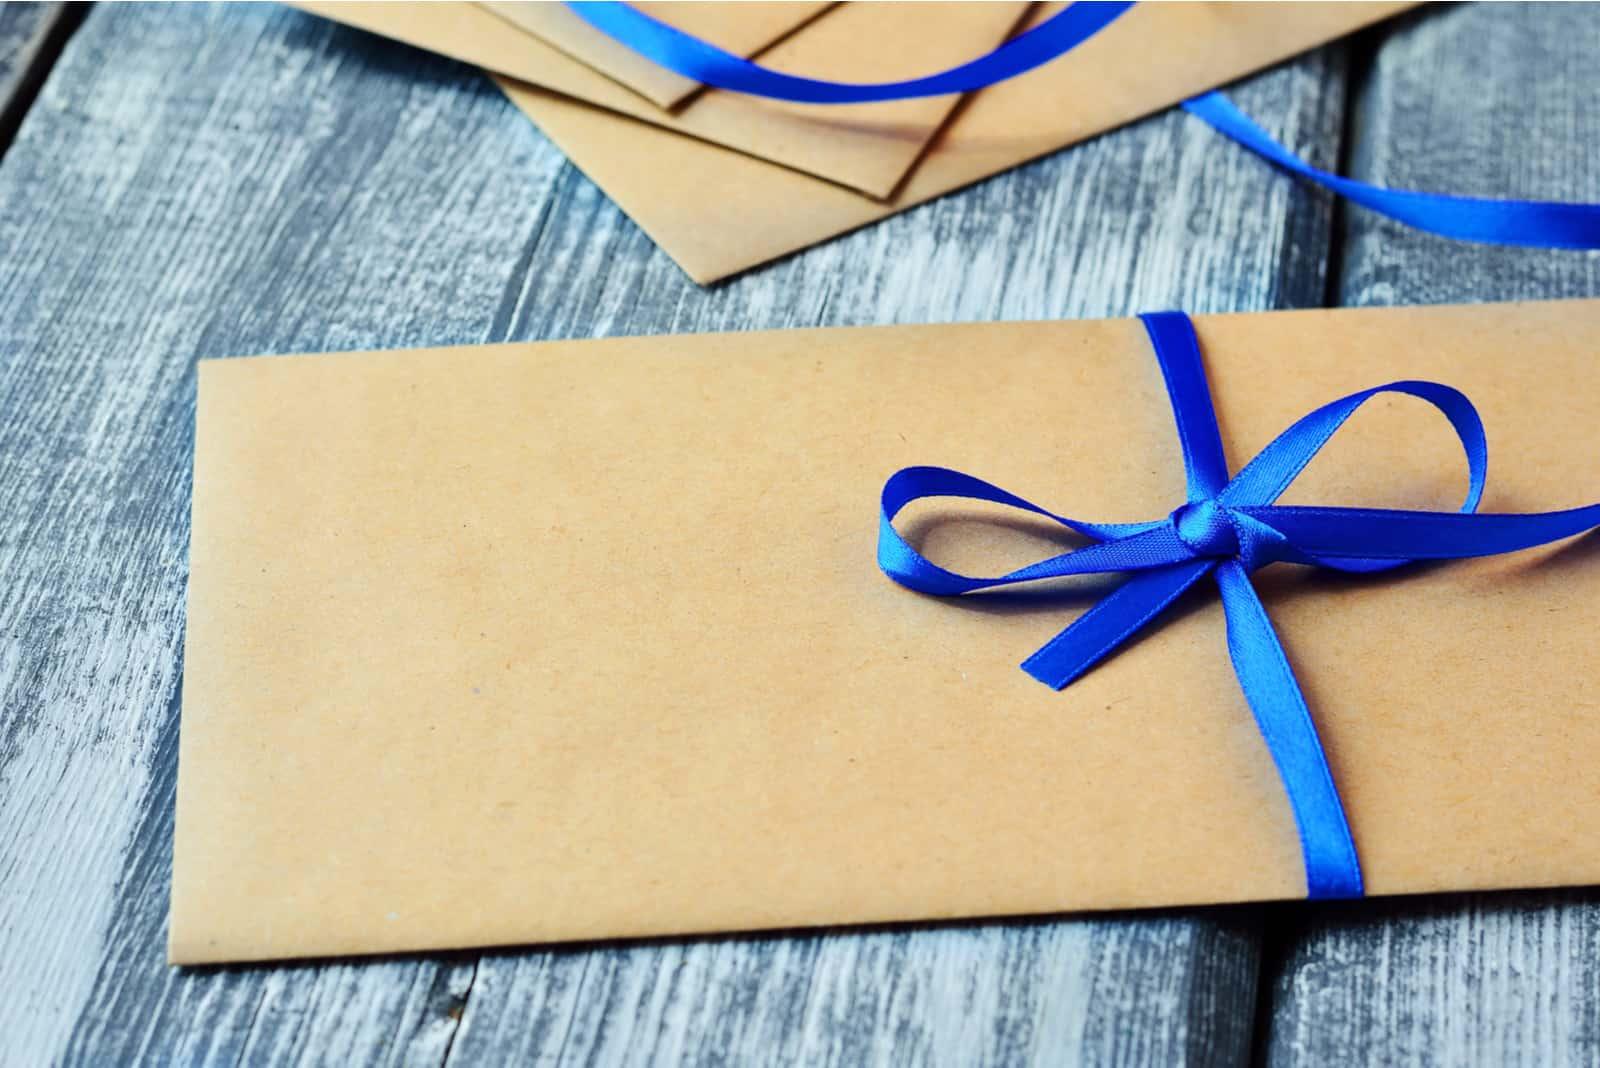 Kraft-Umschlag mit blauem Band in einer Schleife gebunden